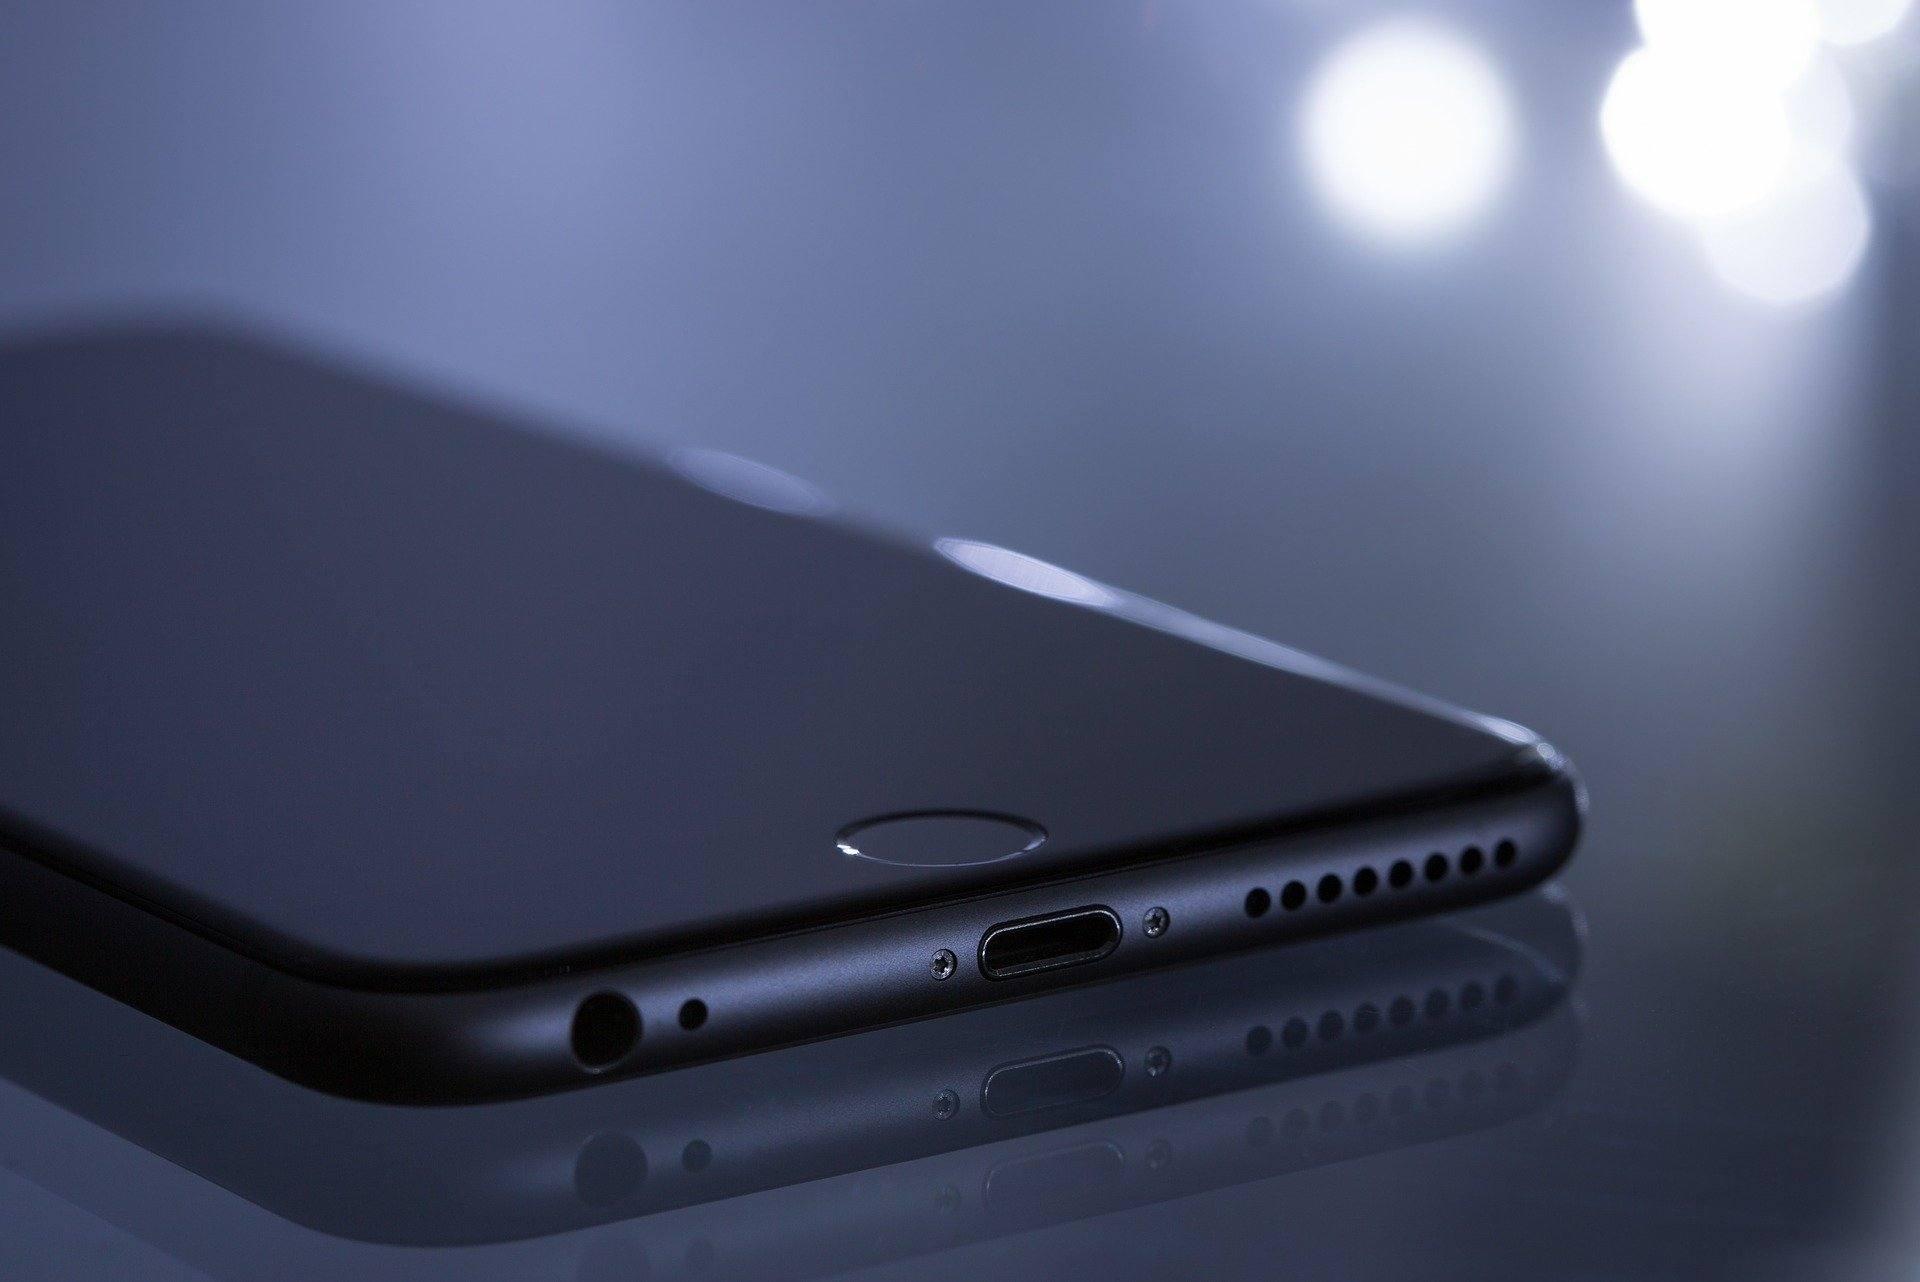 DFU Mode iphone 8, iphone x iphone 7 iphone xi